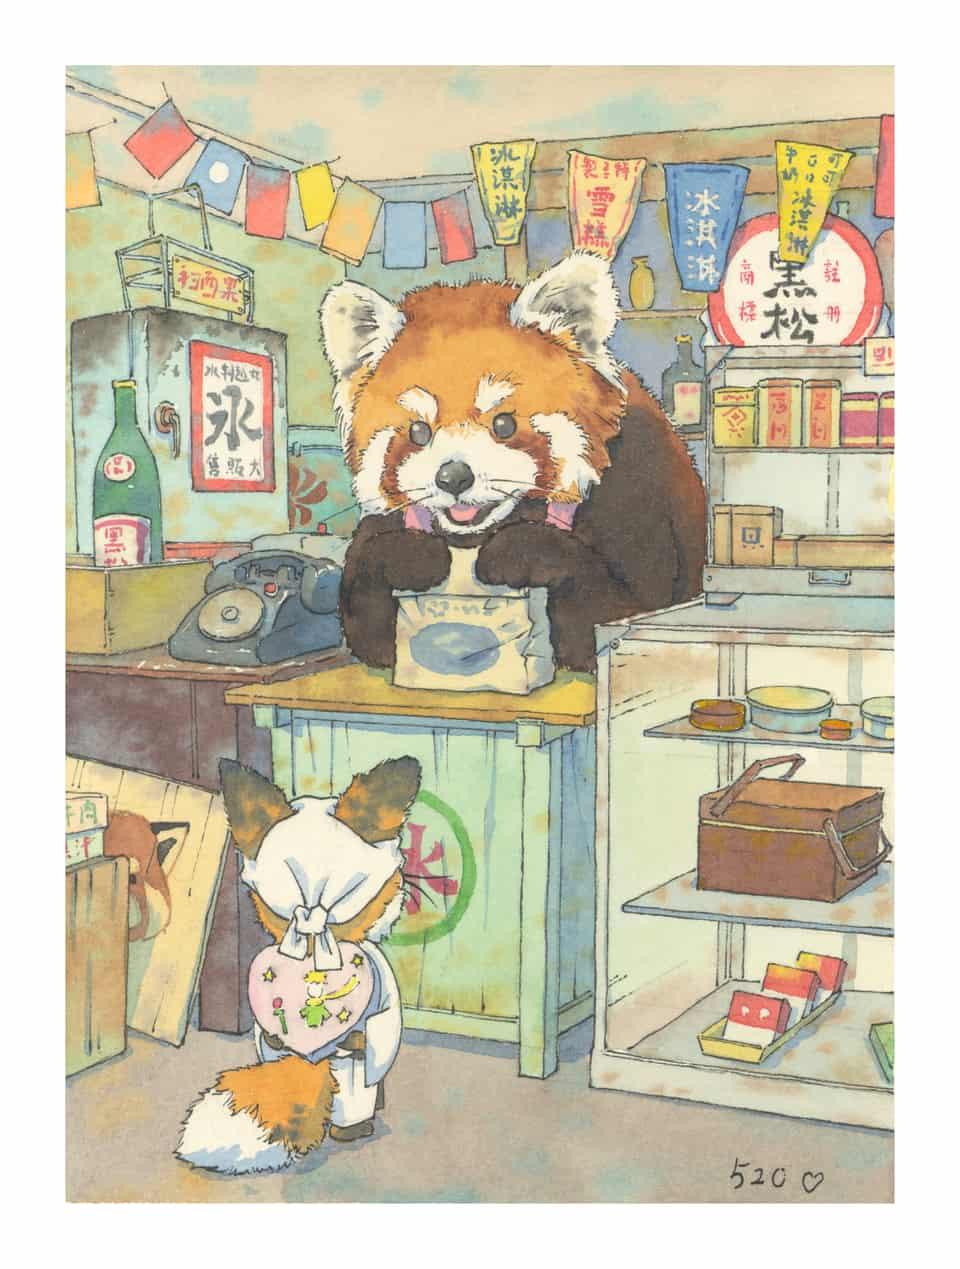 我爱你 Illust of weiyiren handdrawn watercolor TheLittlePrince illustration レッサーパンダ